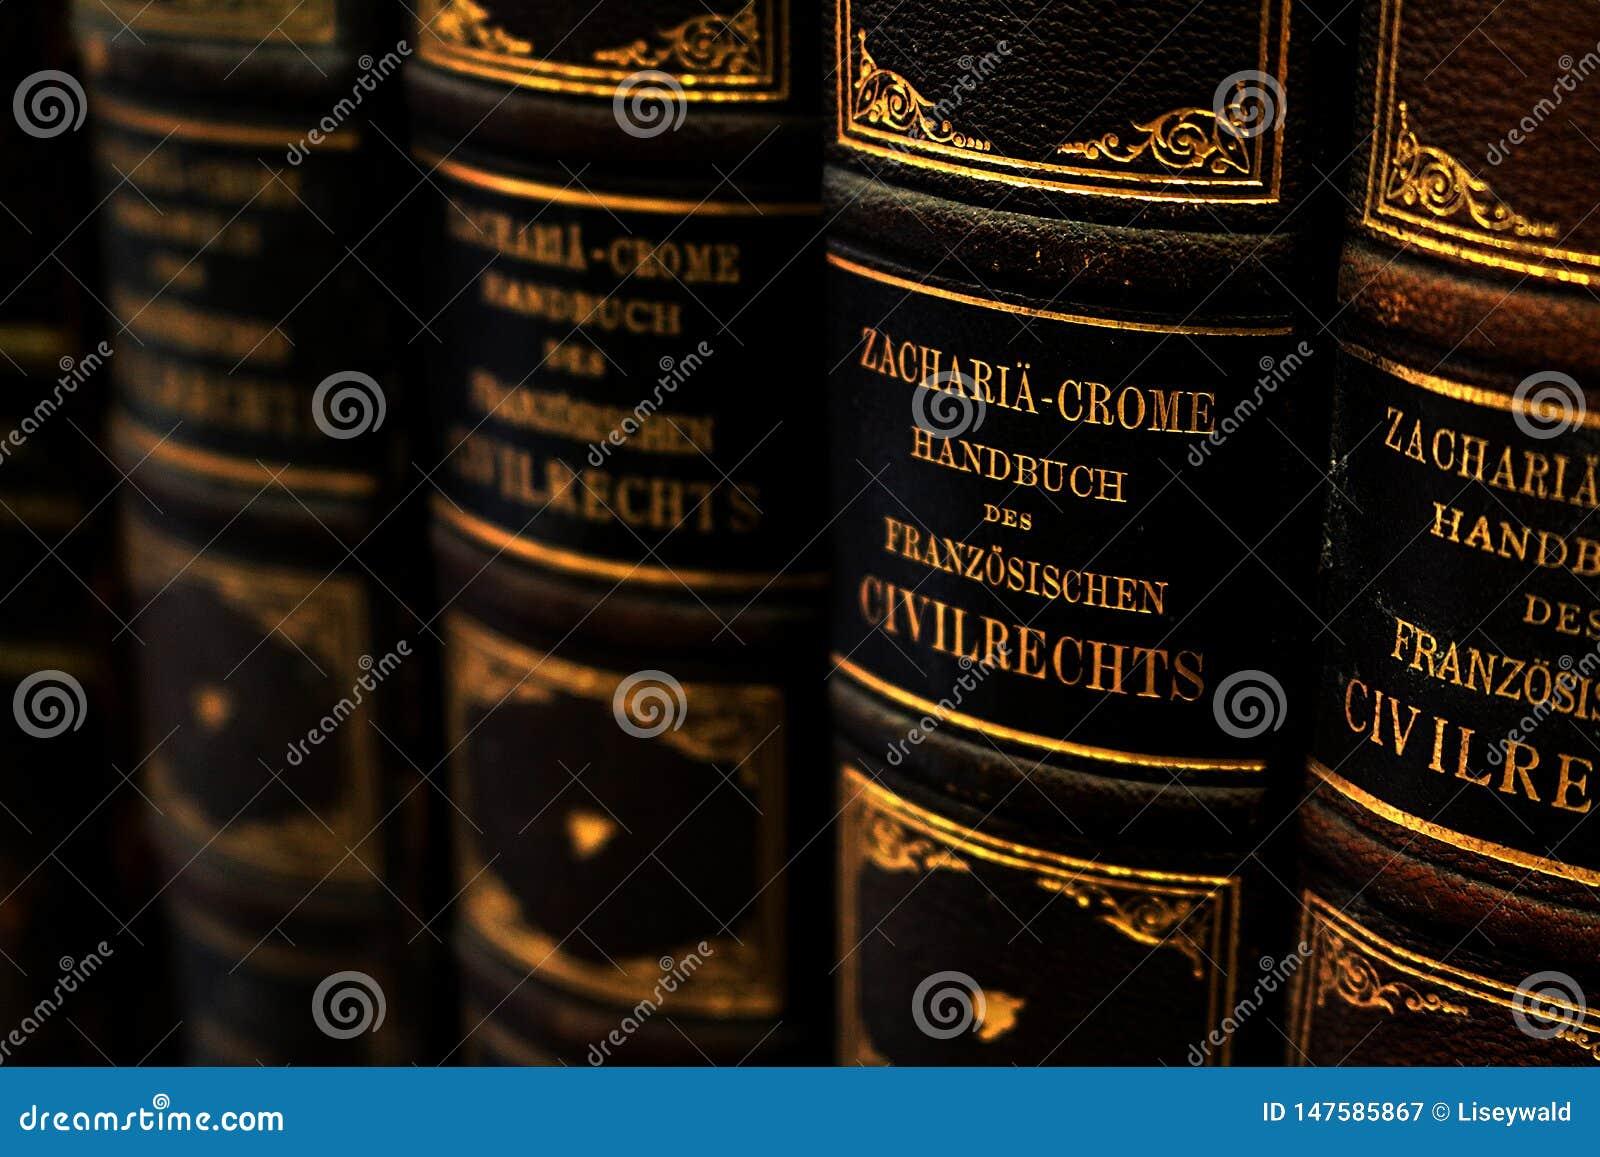 Rij van antieke handboeken over het Franse burgerlijk recht met leerdekking en Duitse titels in gouden brieven